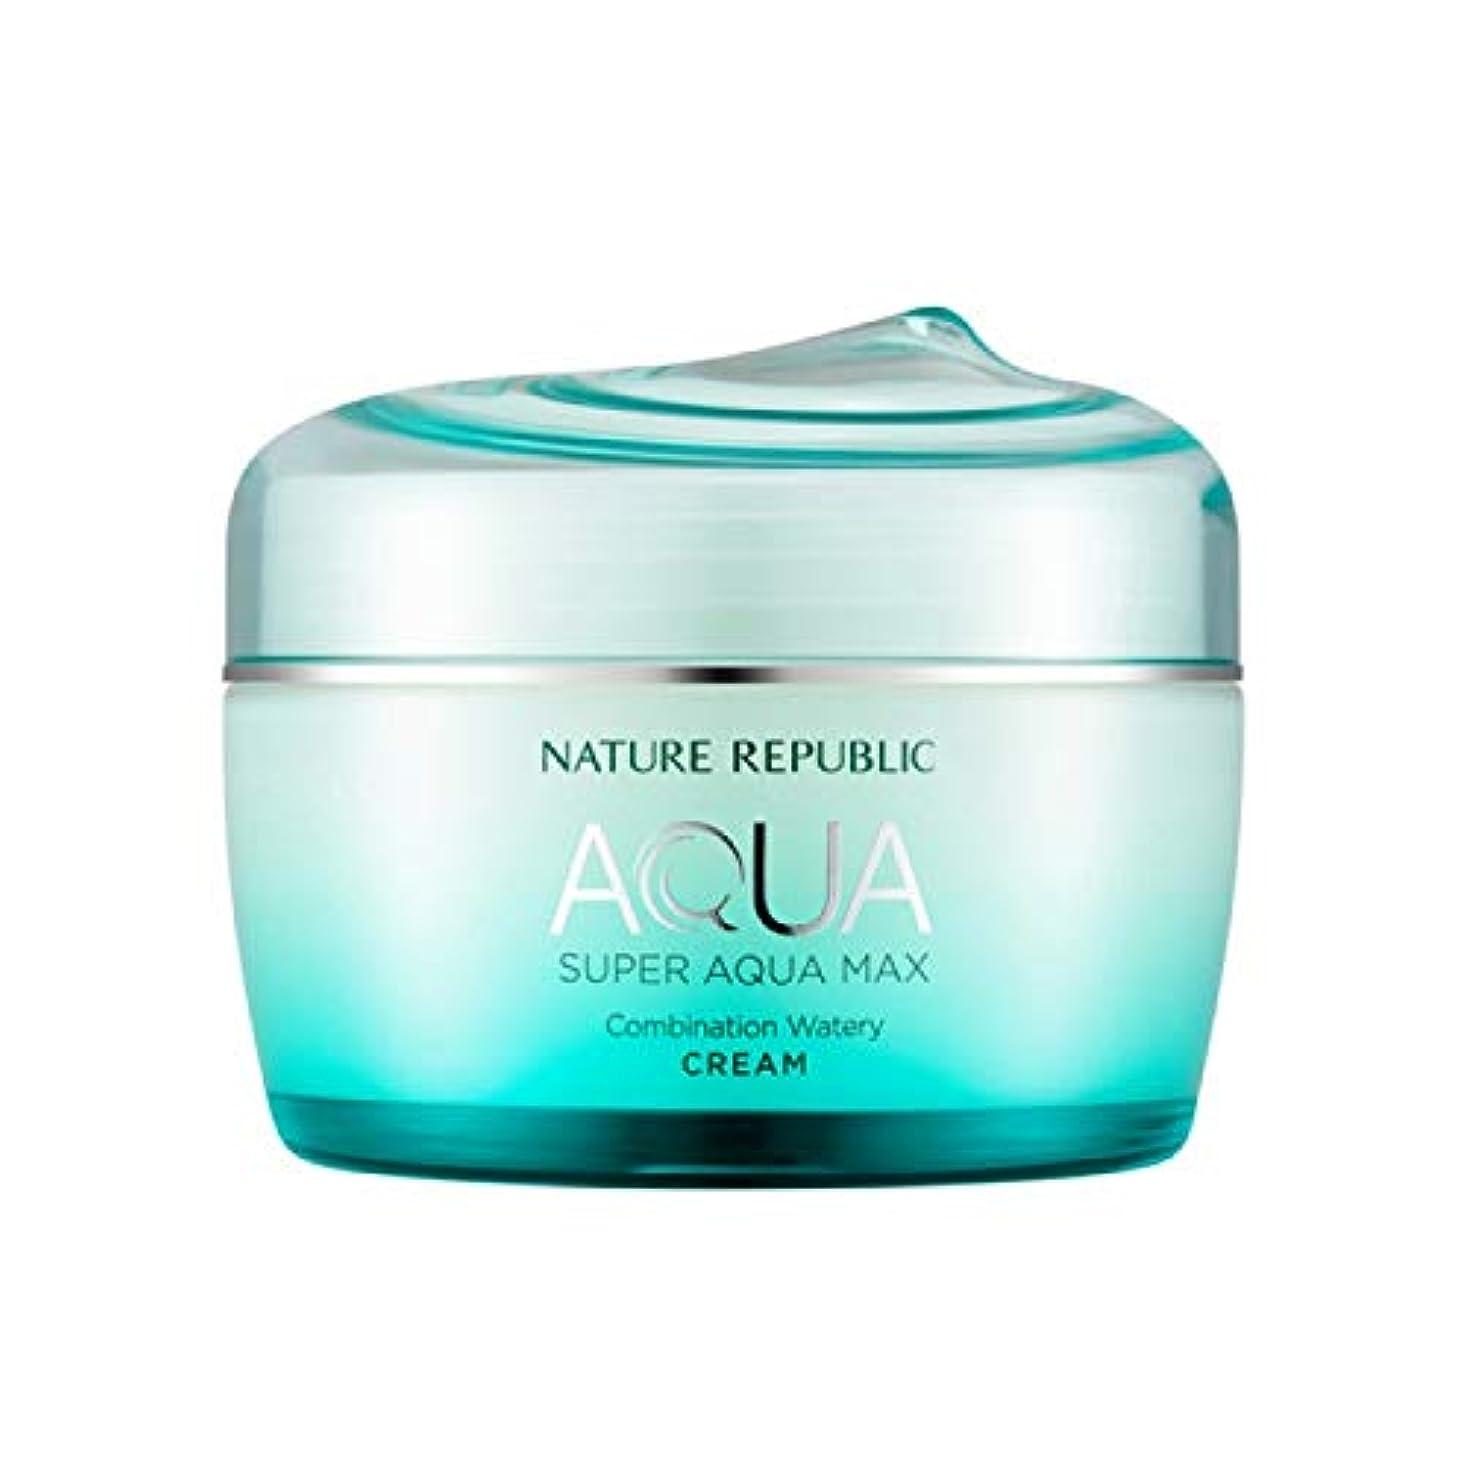 見出し符号不安定なネイチャーリパブリック(Nature Republic)スーパーアクアマックスコンビネーション水分クリーム [複合肌用] 80ml / Super Aqua-Max Combination Moisture Cream...